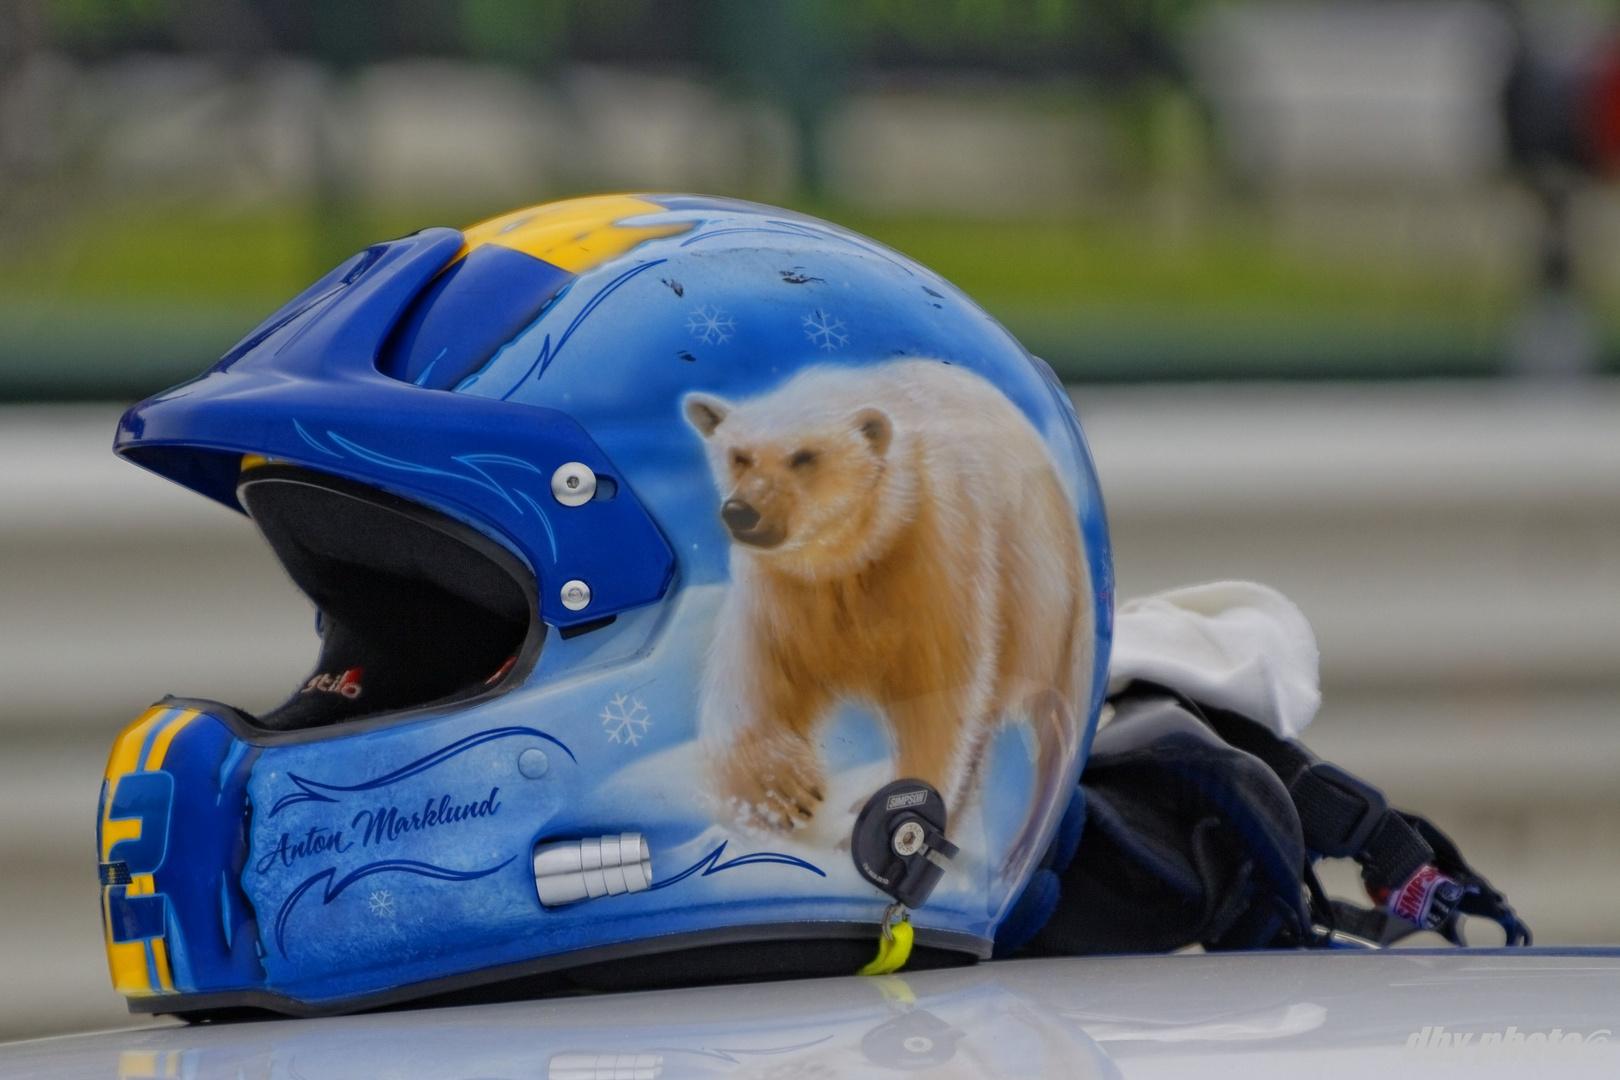 Anton Marklund helmet